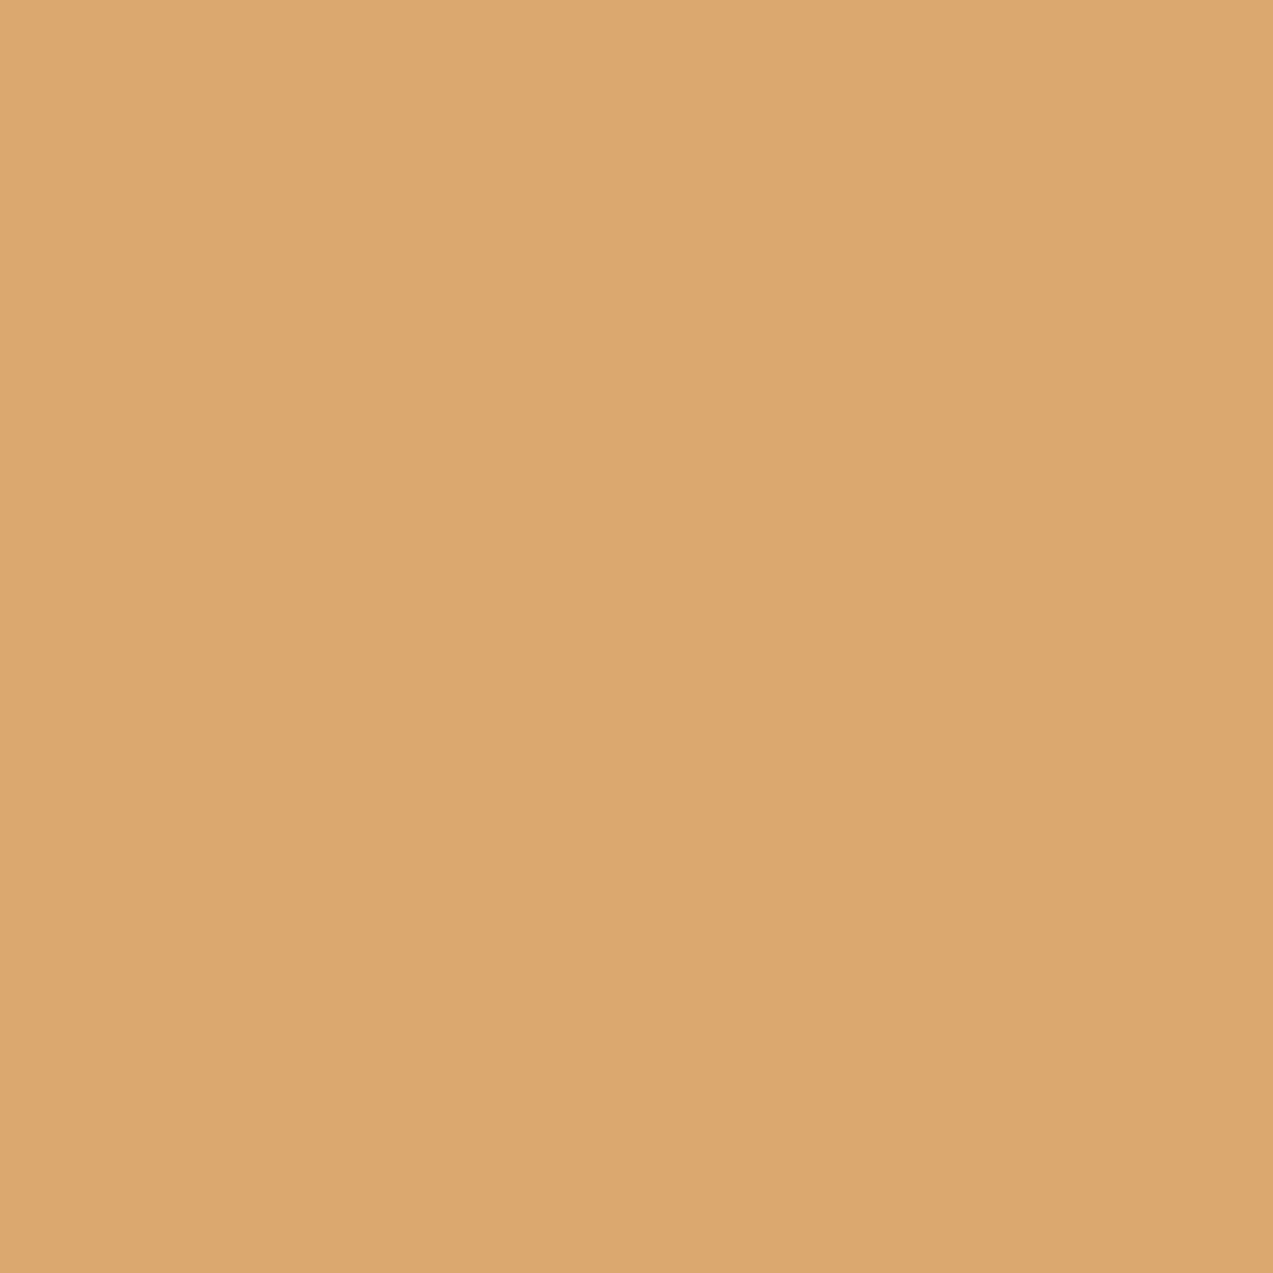 ペレグリネーション高度有害SANMIMORE(サンミモレ化粧品) UVパクト 50号ライトオークル (レフィル 替パフ付)